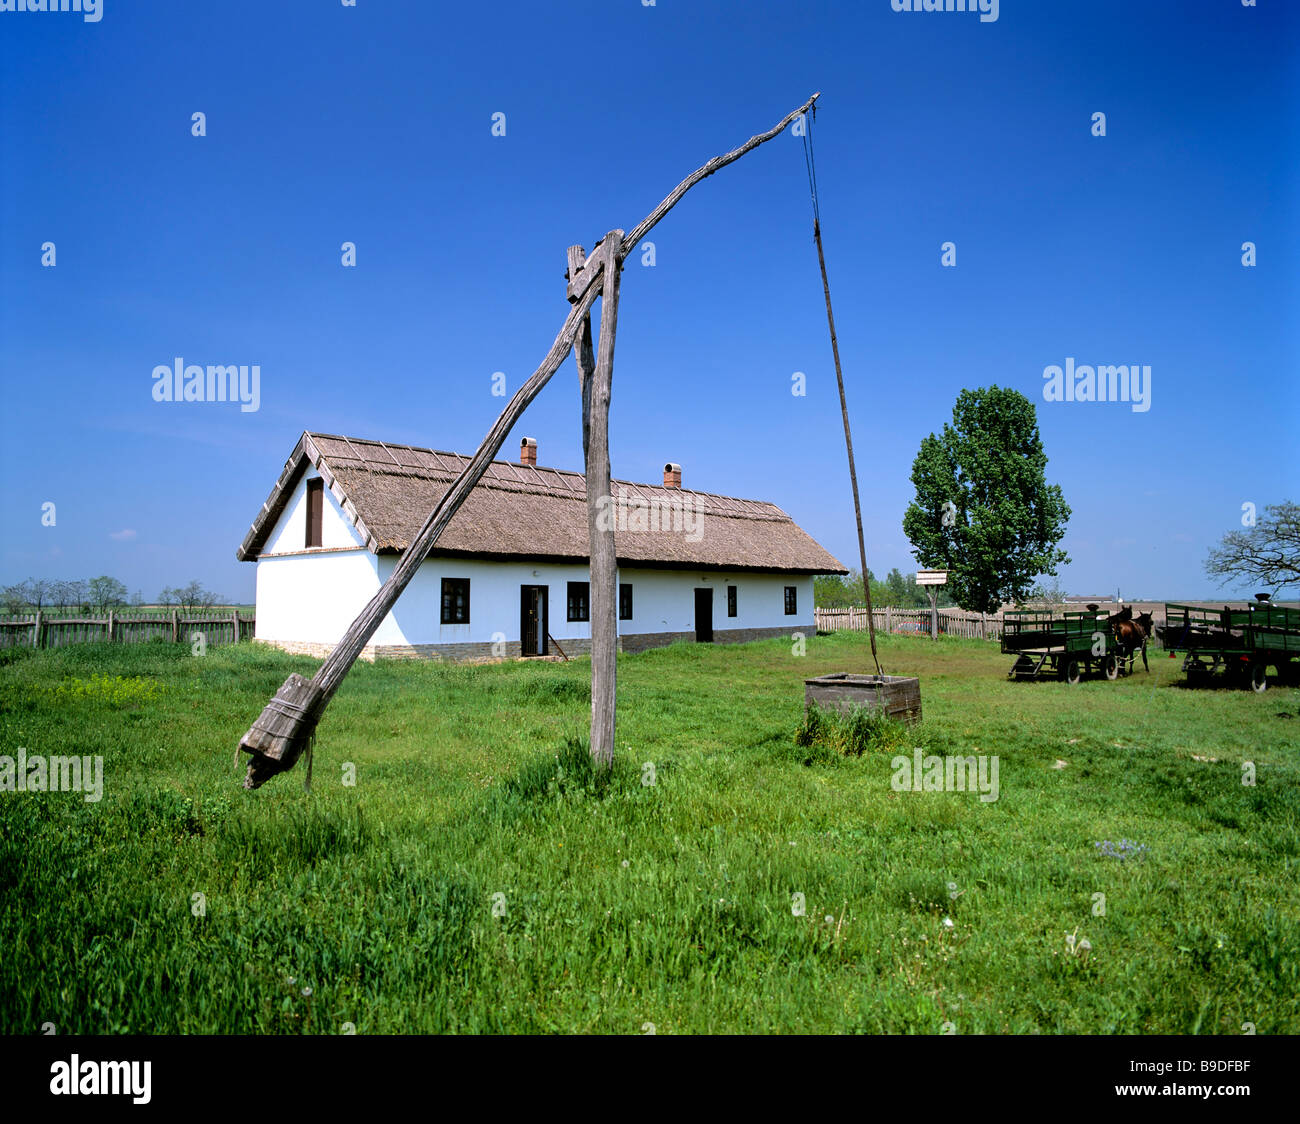 Csarda, Brunnen und Bauernhaus in der Puszta, Ungarn Stockbild